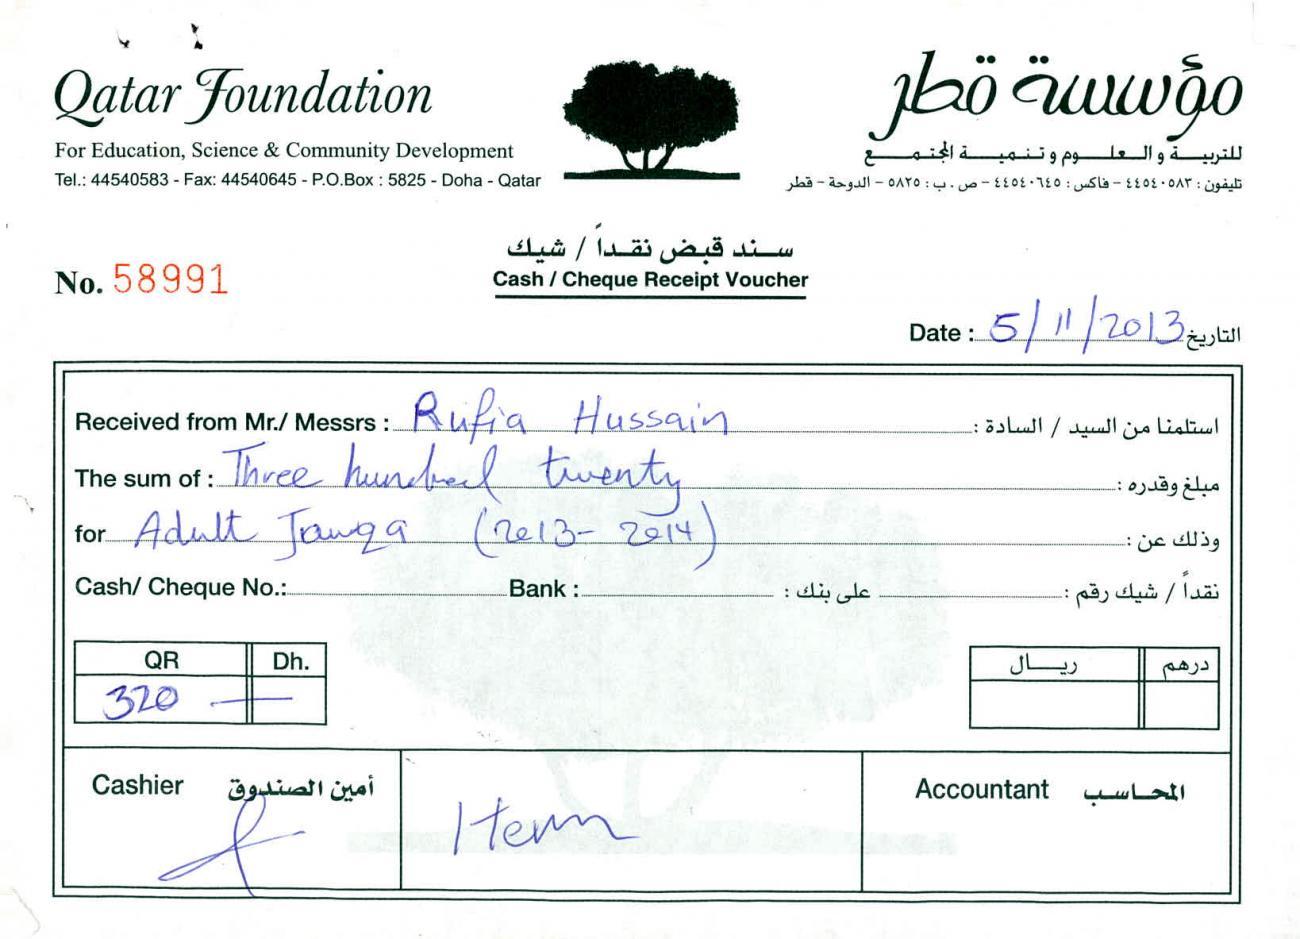 سند قبض مؤسسة قطر للتربية والتعليم وتنمية المجتمع أرشيف خزائن الرقمي